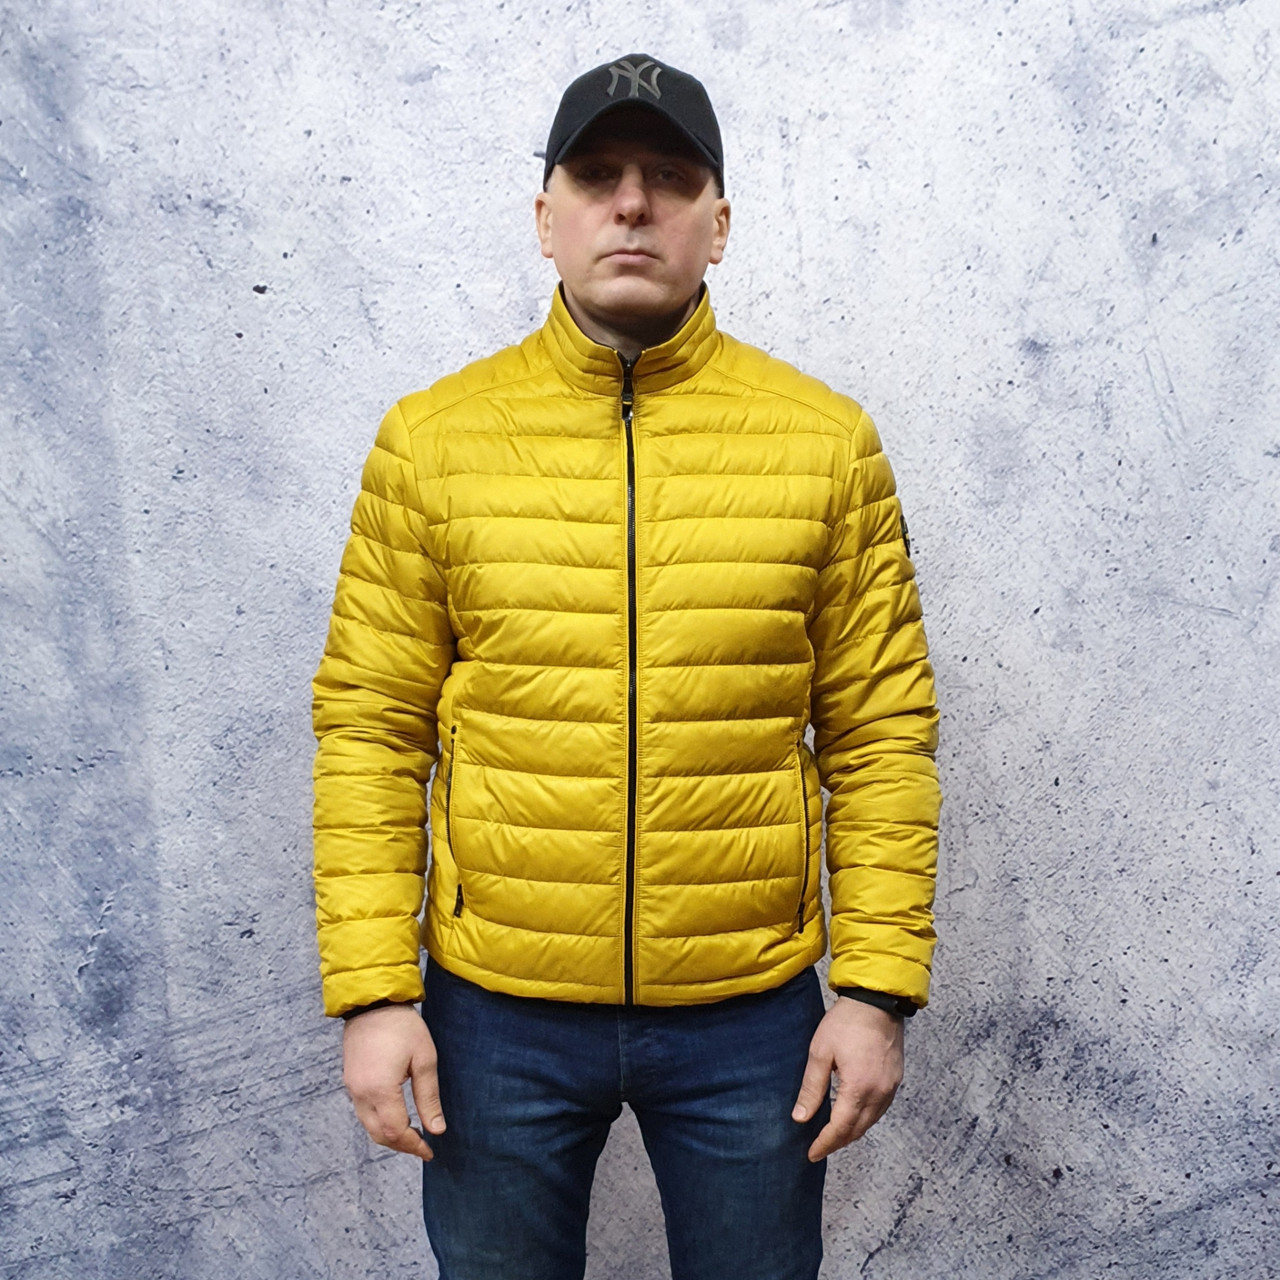 Чоловіча демісезонна куртка Vavalon kd-2009. Чоловіча стьобана куртка жовтого кольору.